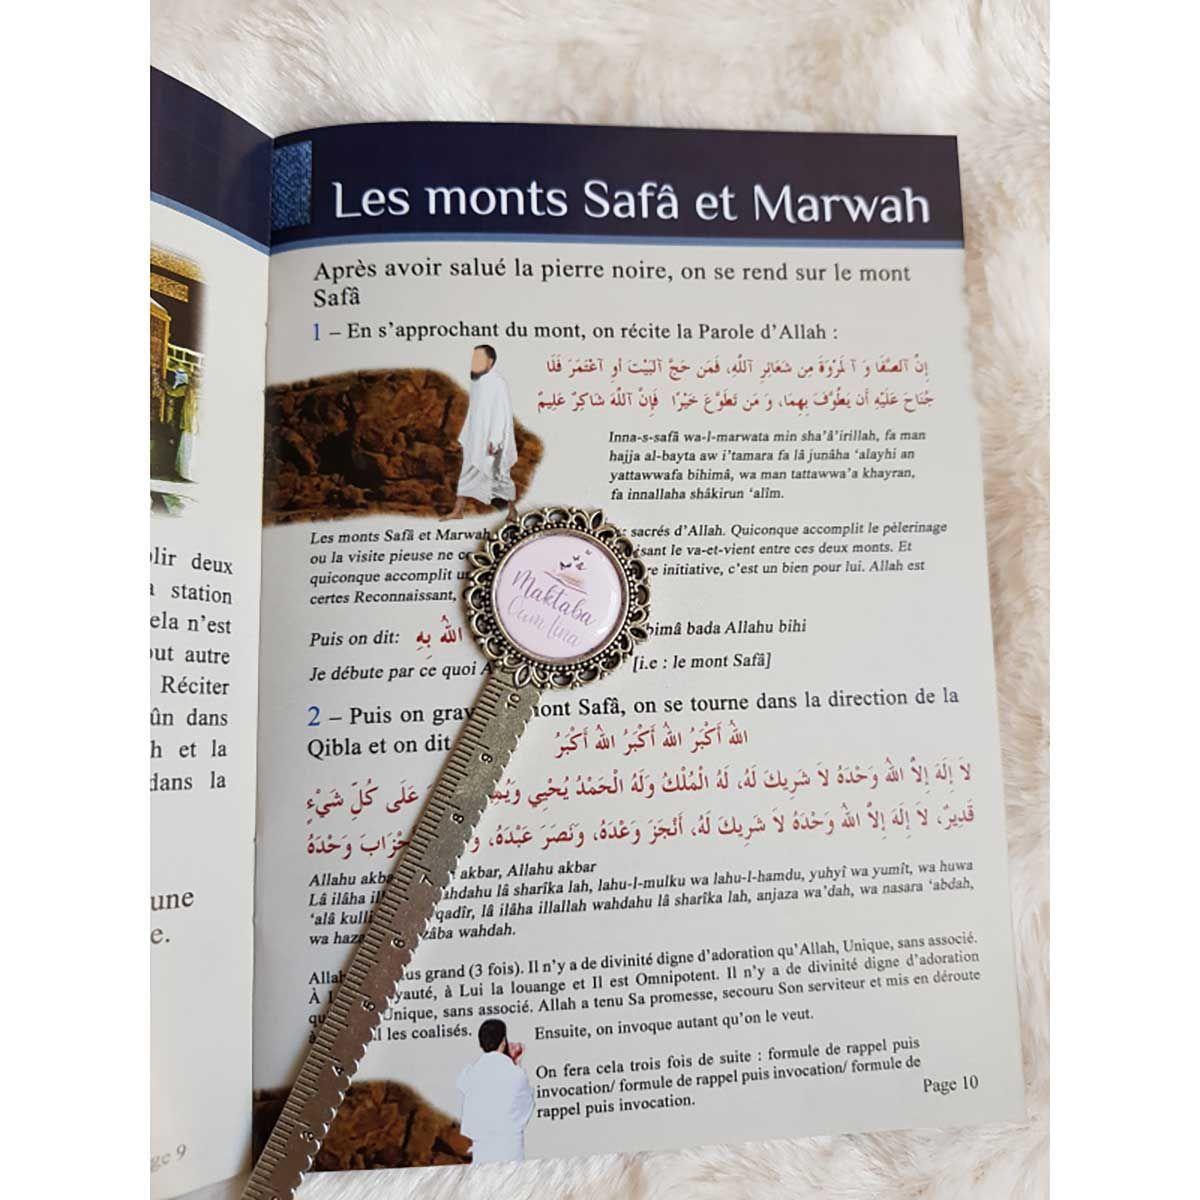 Hajj et Umra en images - d'après Shaykh Ibn Baz et Shaykh Al-Albani